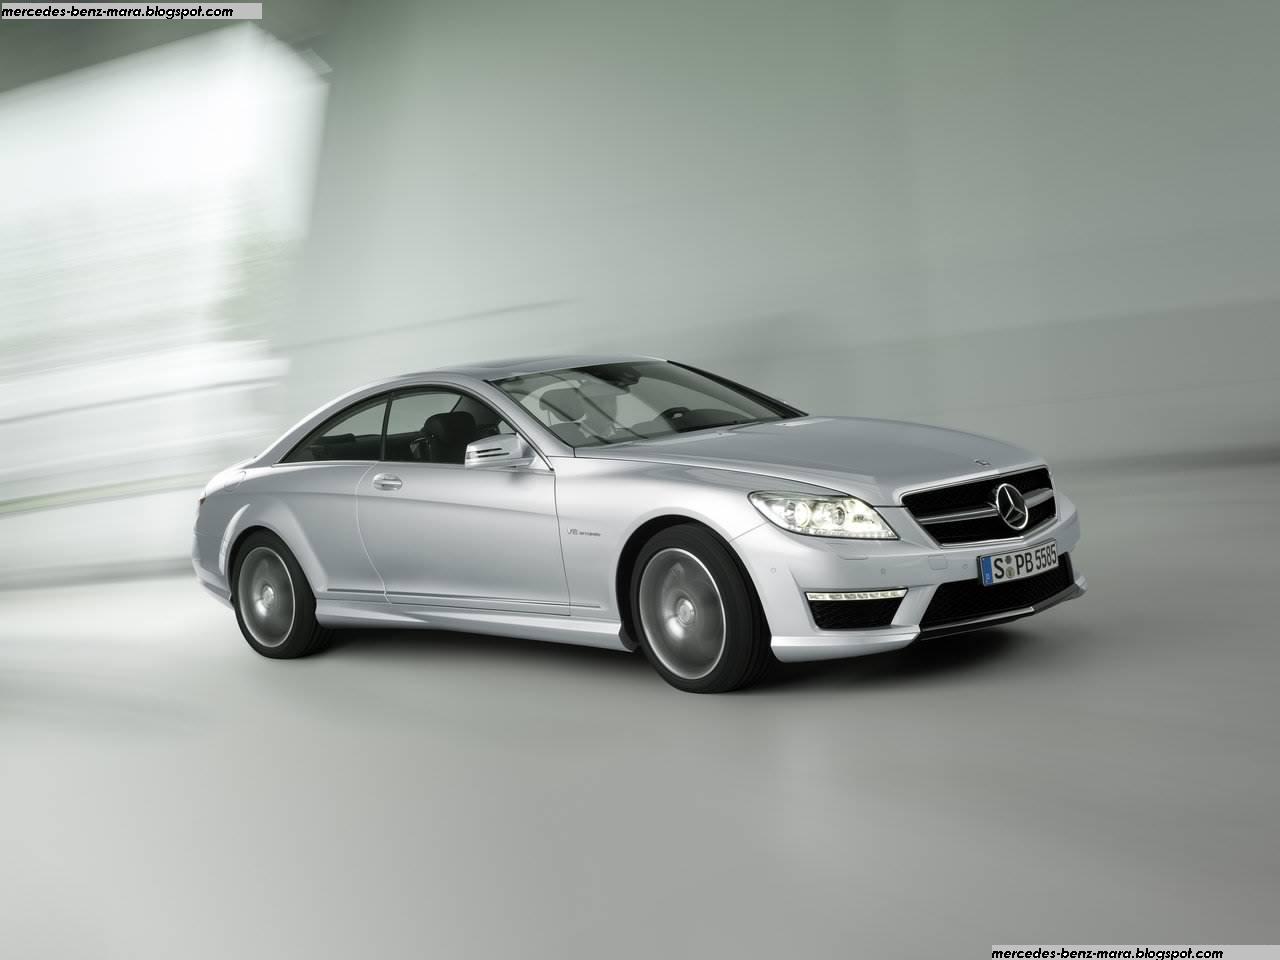 http://3.bp.blogspot.com/_vPMjJG-enrk/TE0bAidxg3I/AAAAAAAADZw/Wl3dfz6mIOM/s1600/Mercedes-Benz-CL63_AMG_2011_1280x960_wallpaper_07.jpg